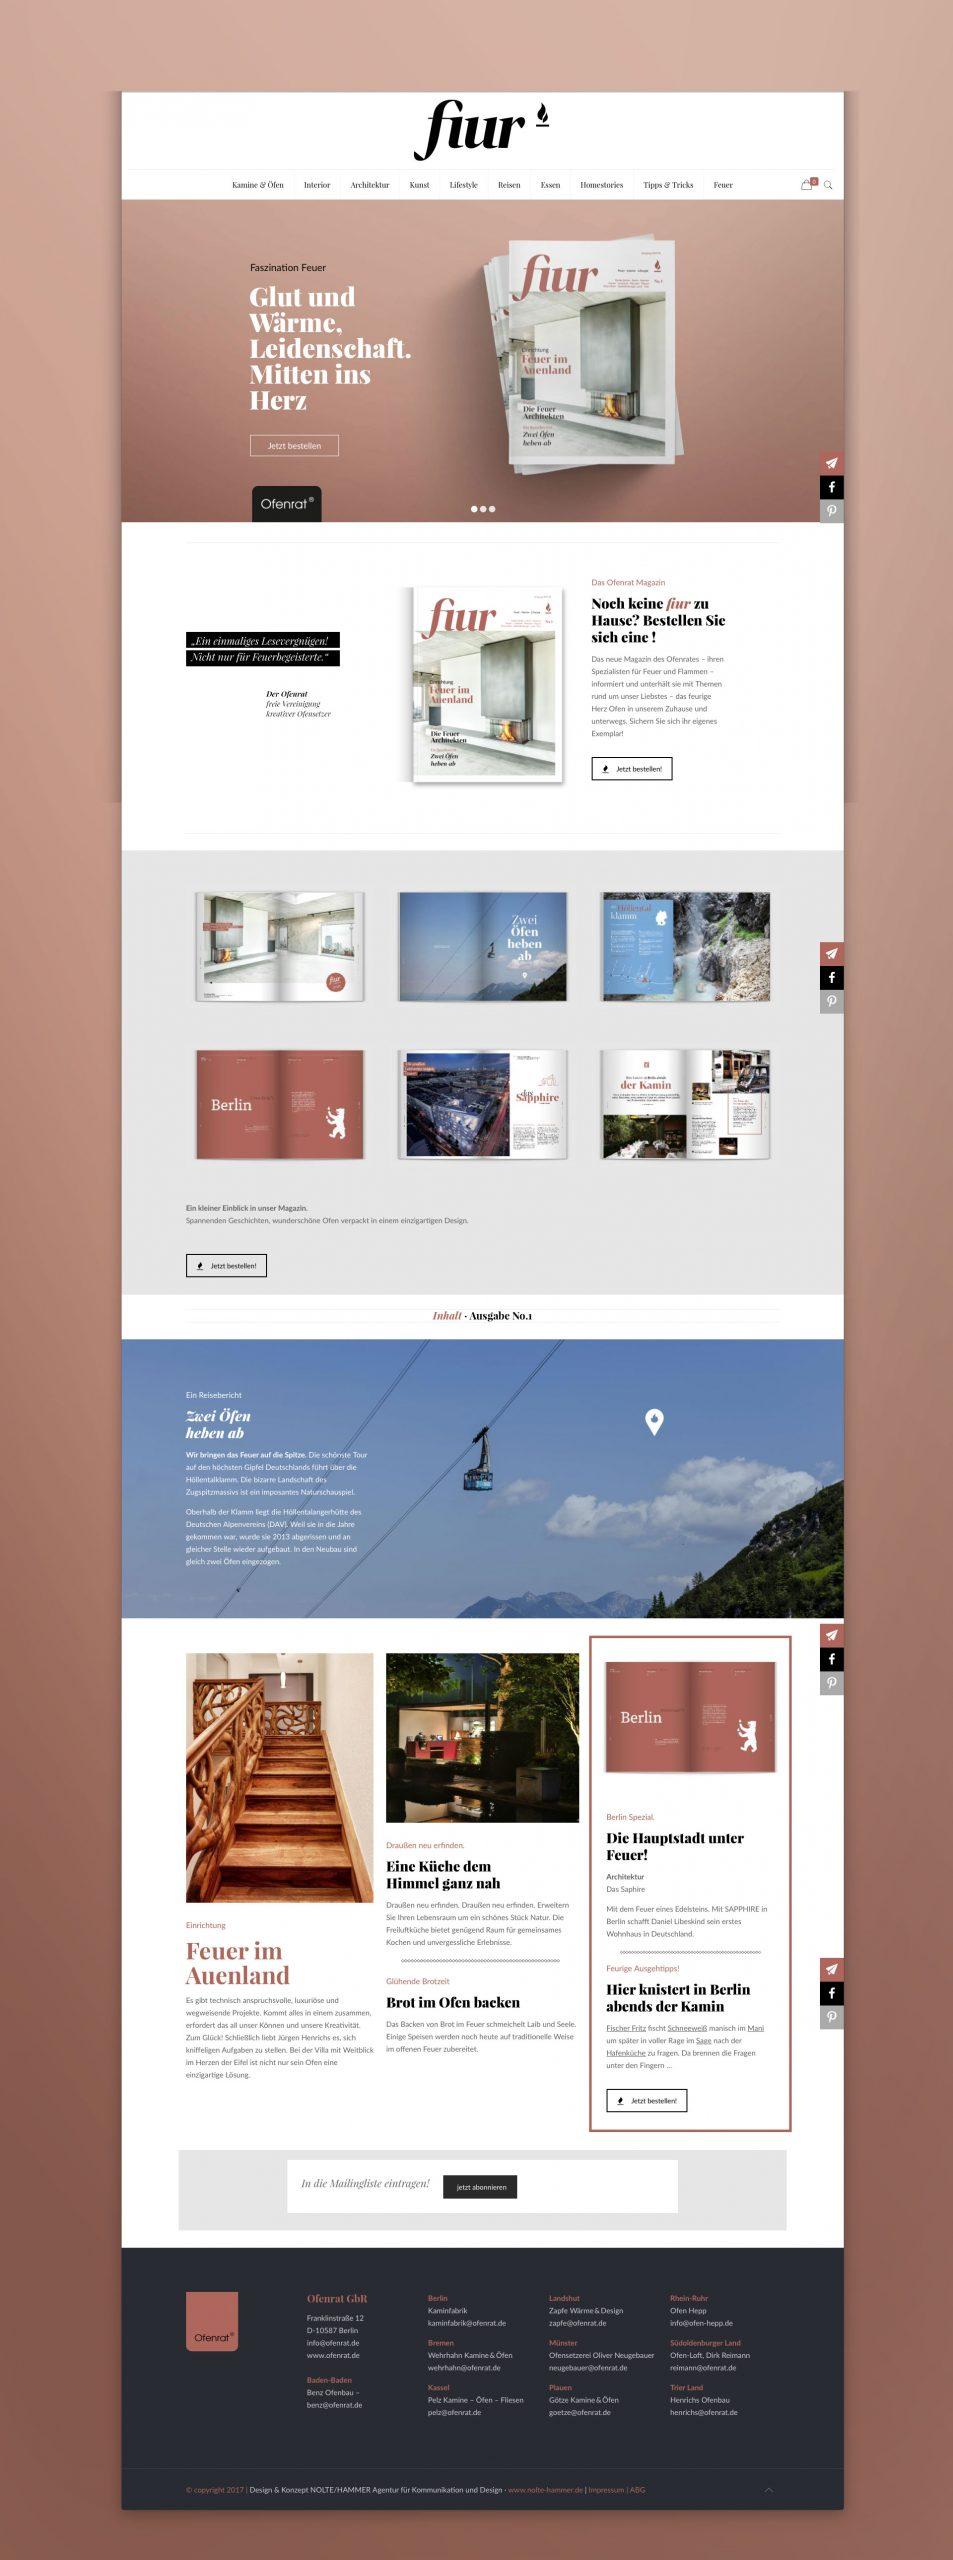 fiur Magazin website